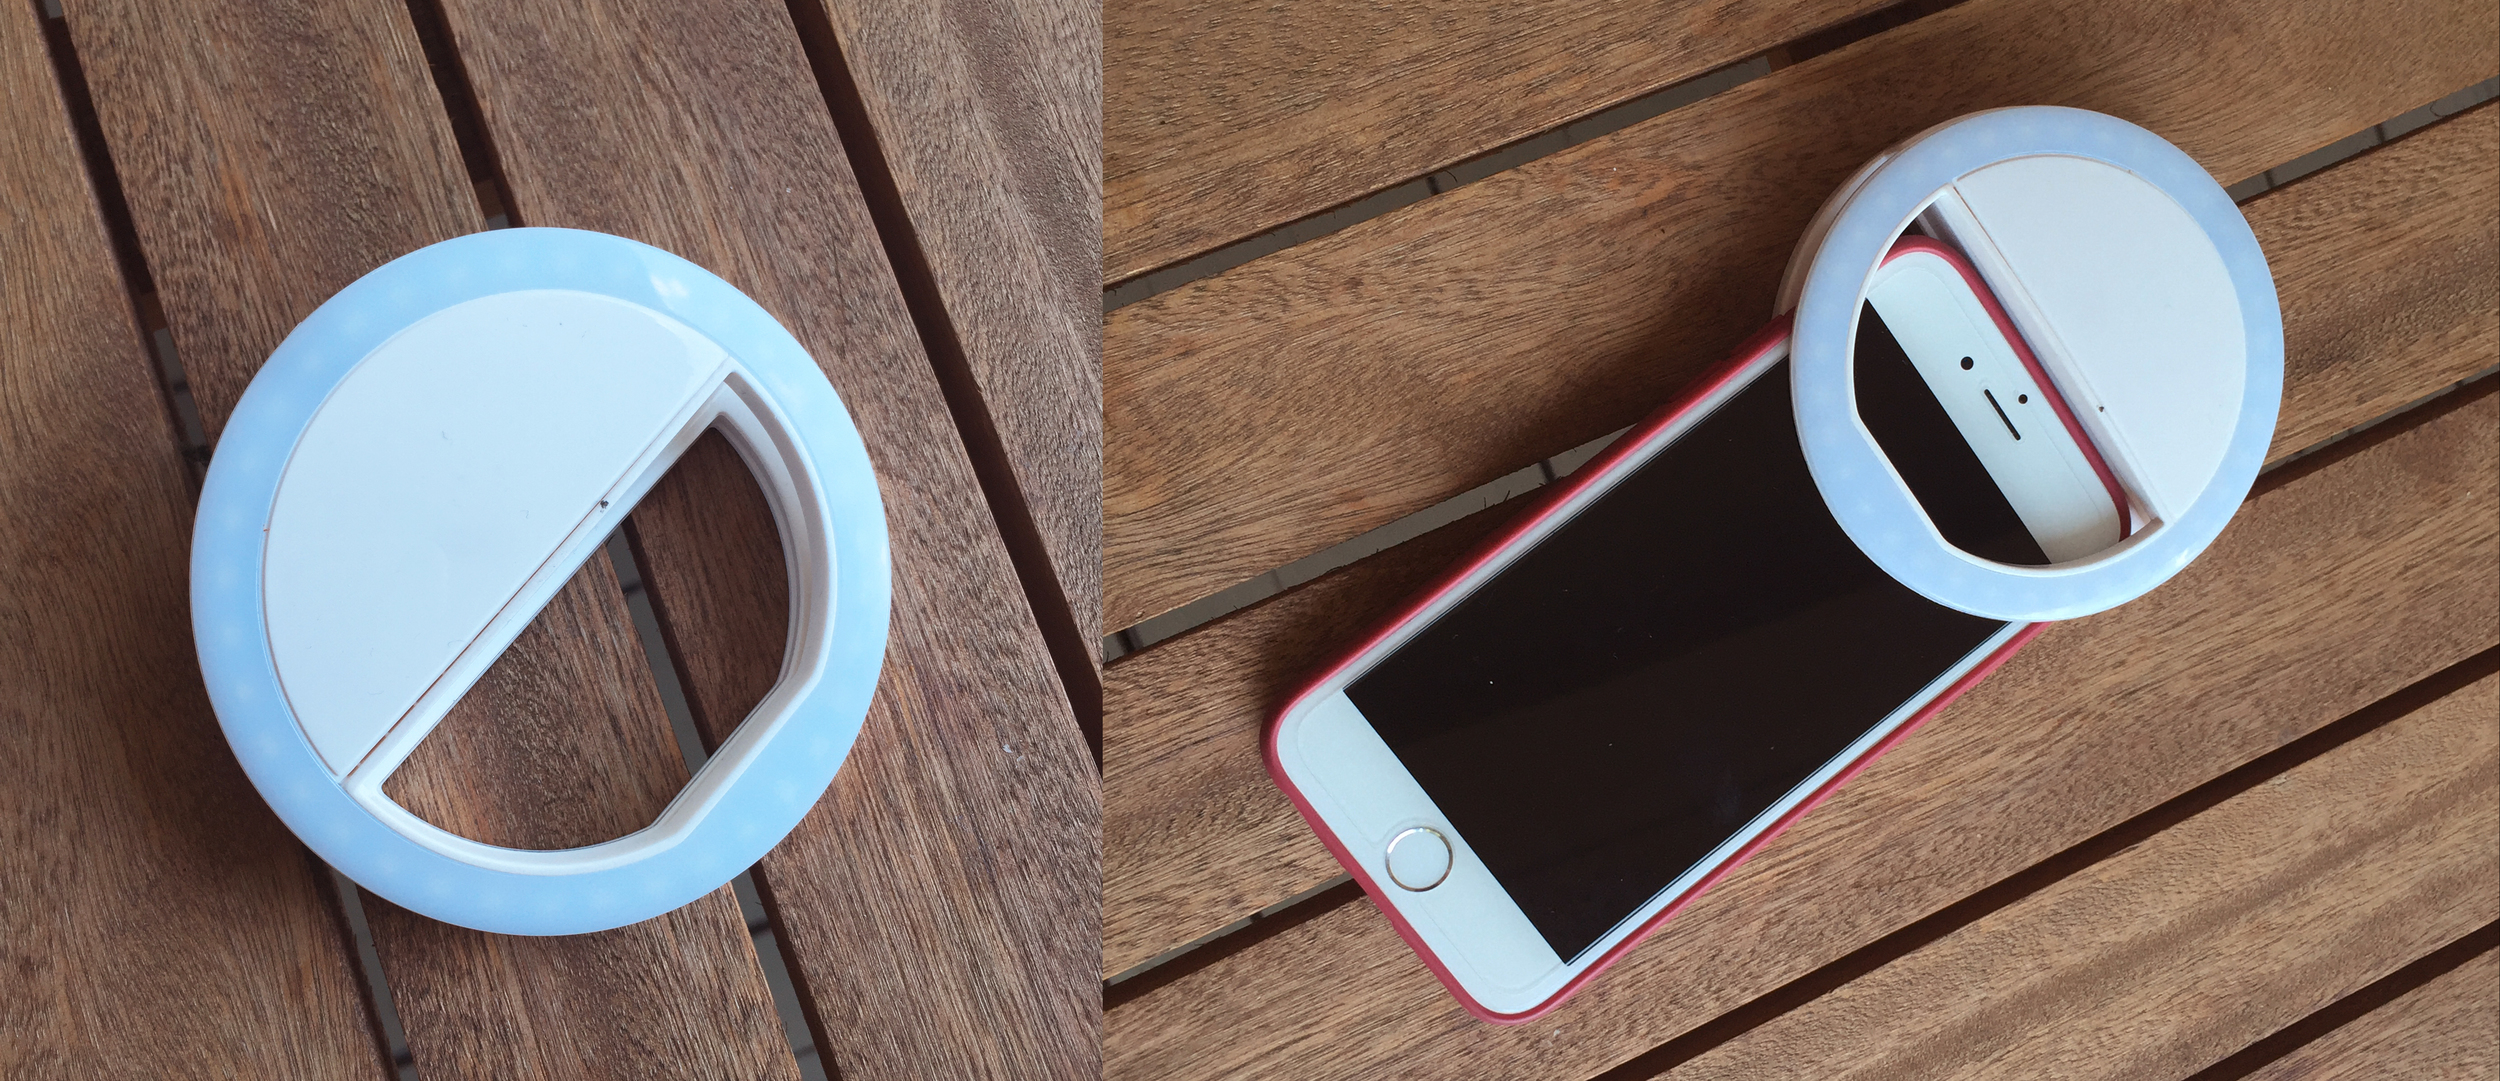 Vous pouvez installer cette lumière à n'importe quel endroit sur votre téléphone, ou bien la déporter grâce à sa pince.